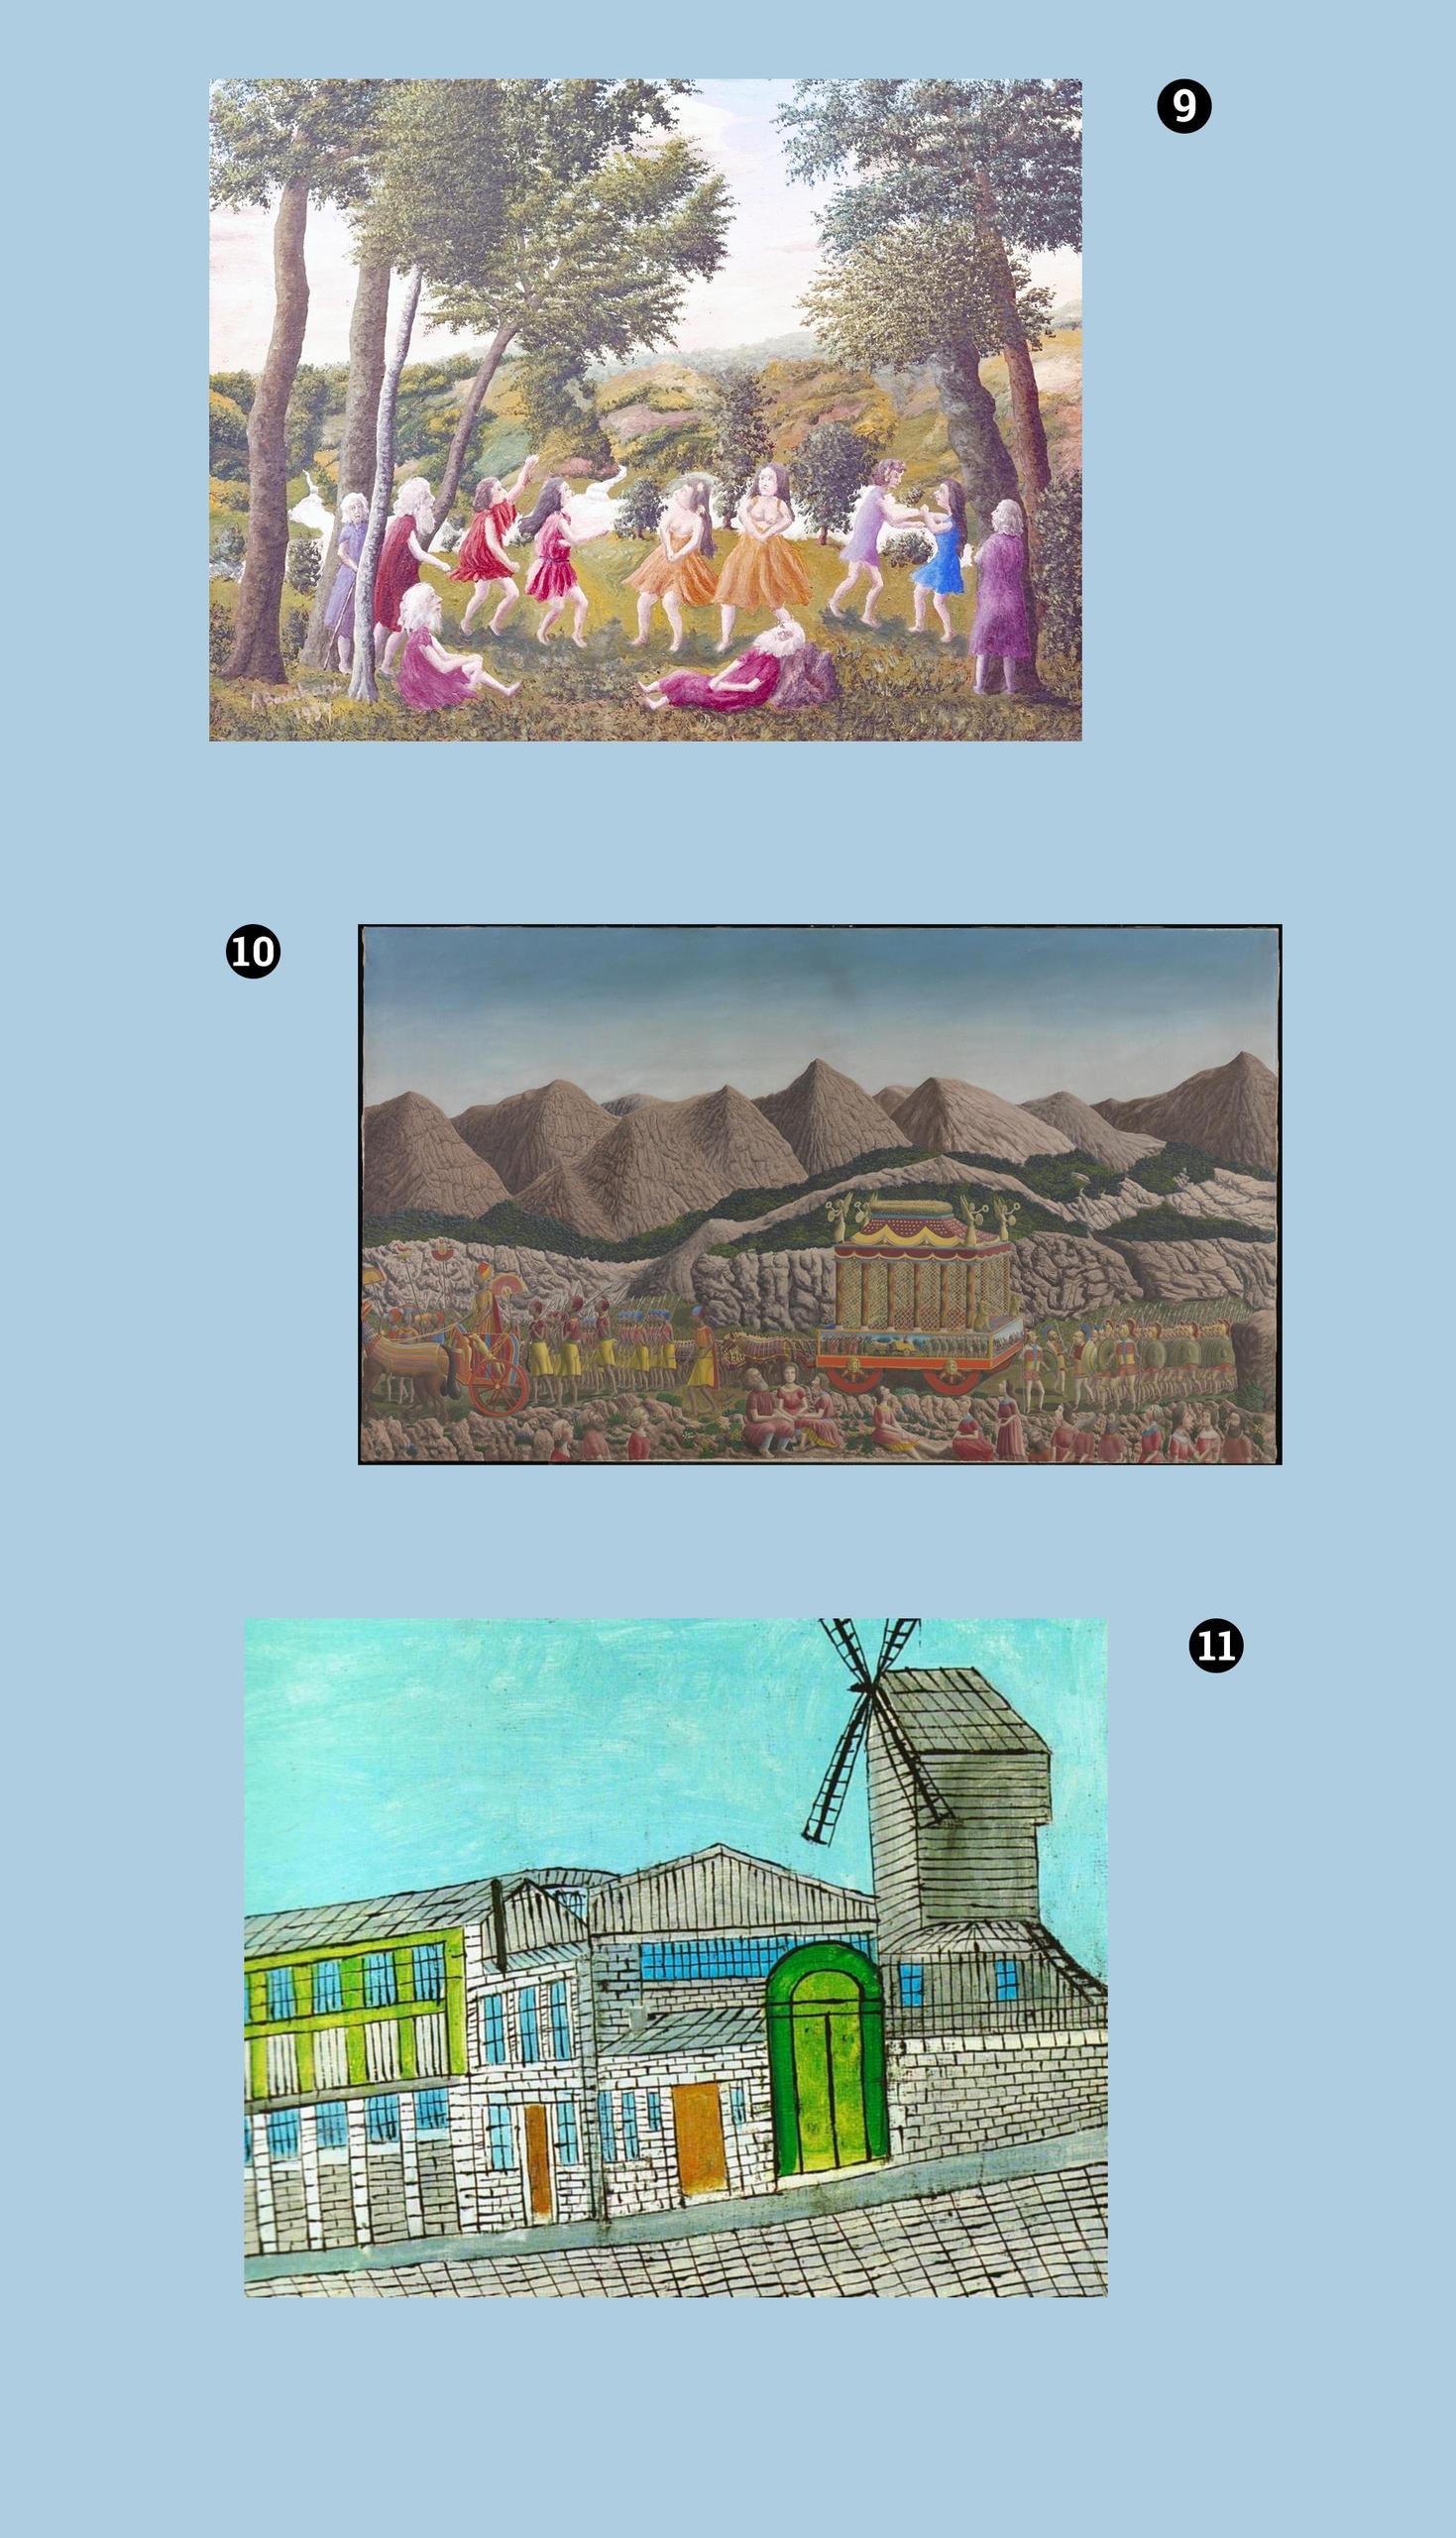 Obraz przedstawia trzy fotografie kolorowych dzieł artystów na błękitnym tle.